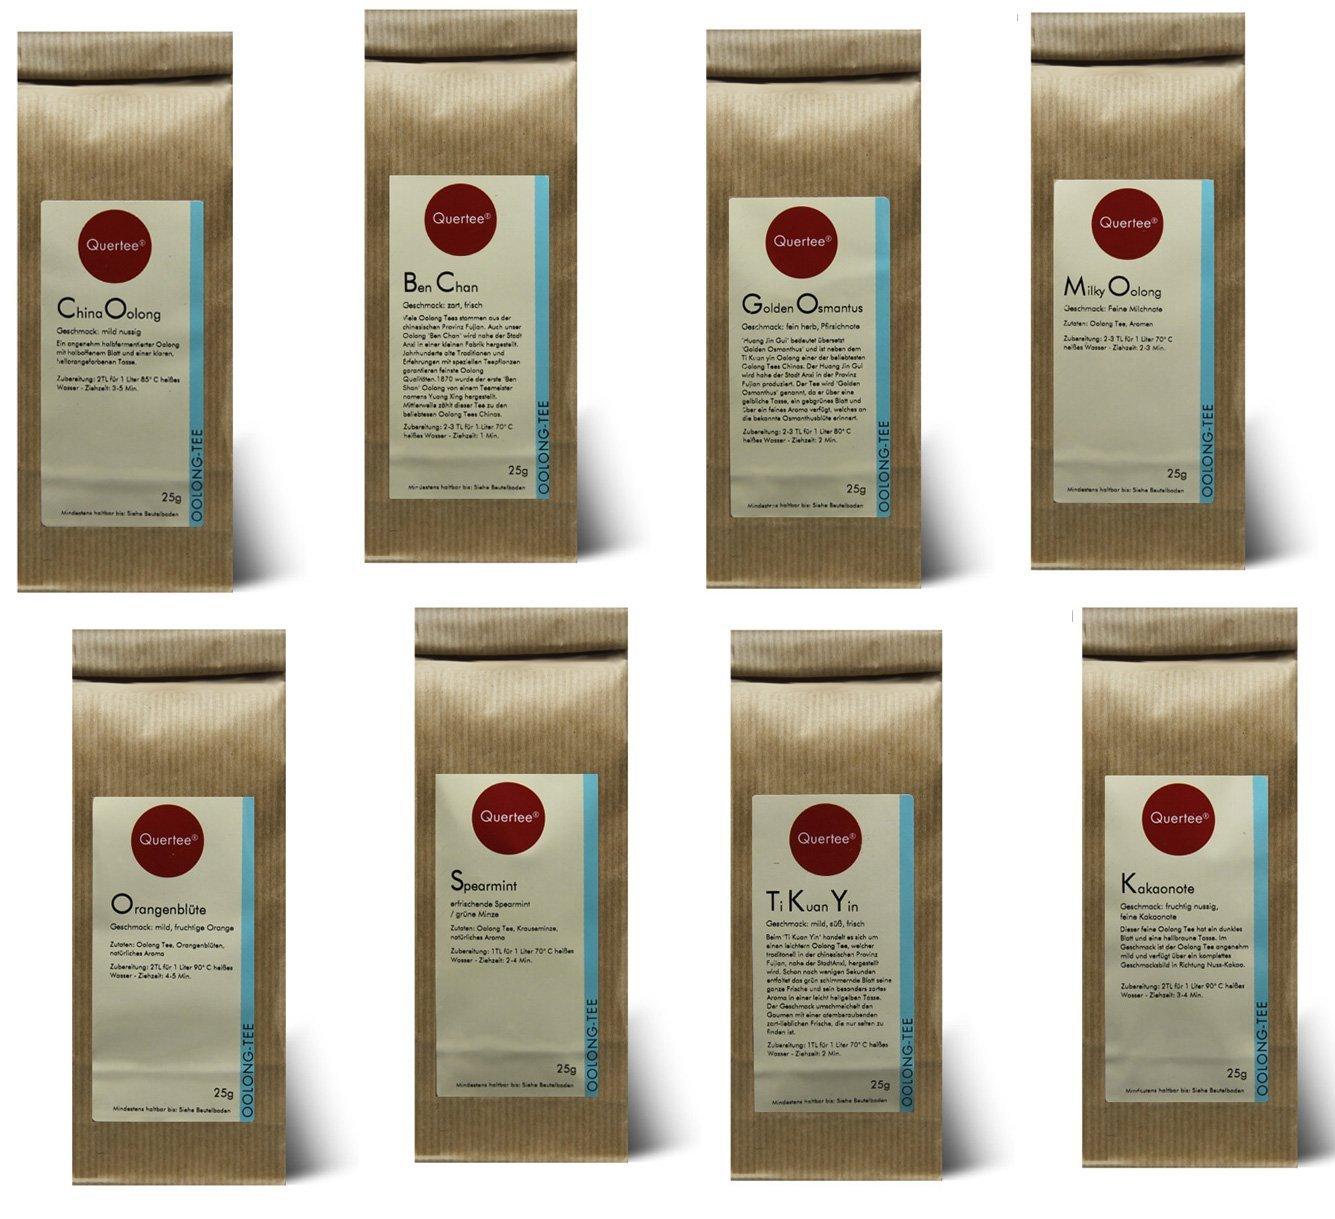 Probierset Oolong Tee Quertee® Nr. 6 - 8 x 25 gramm